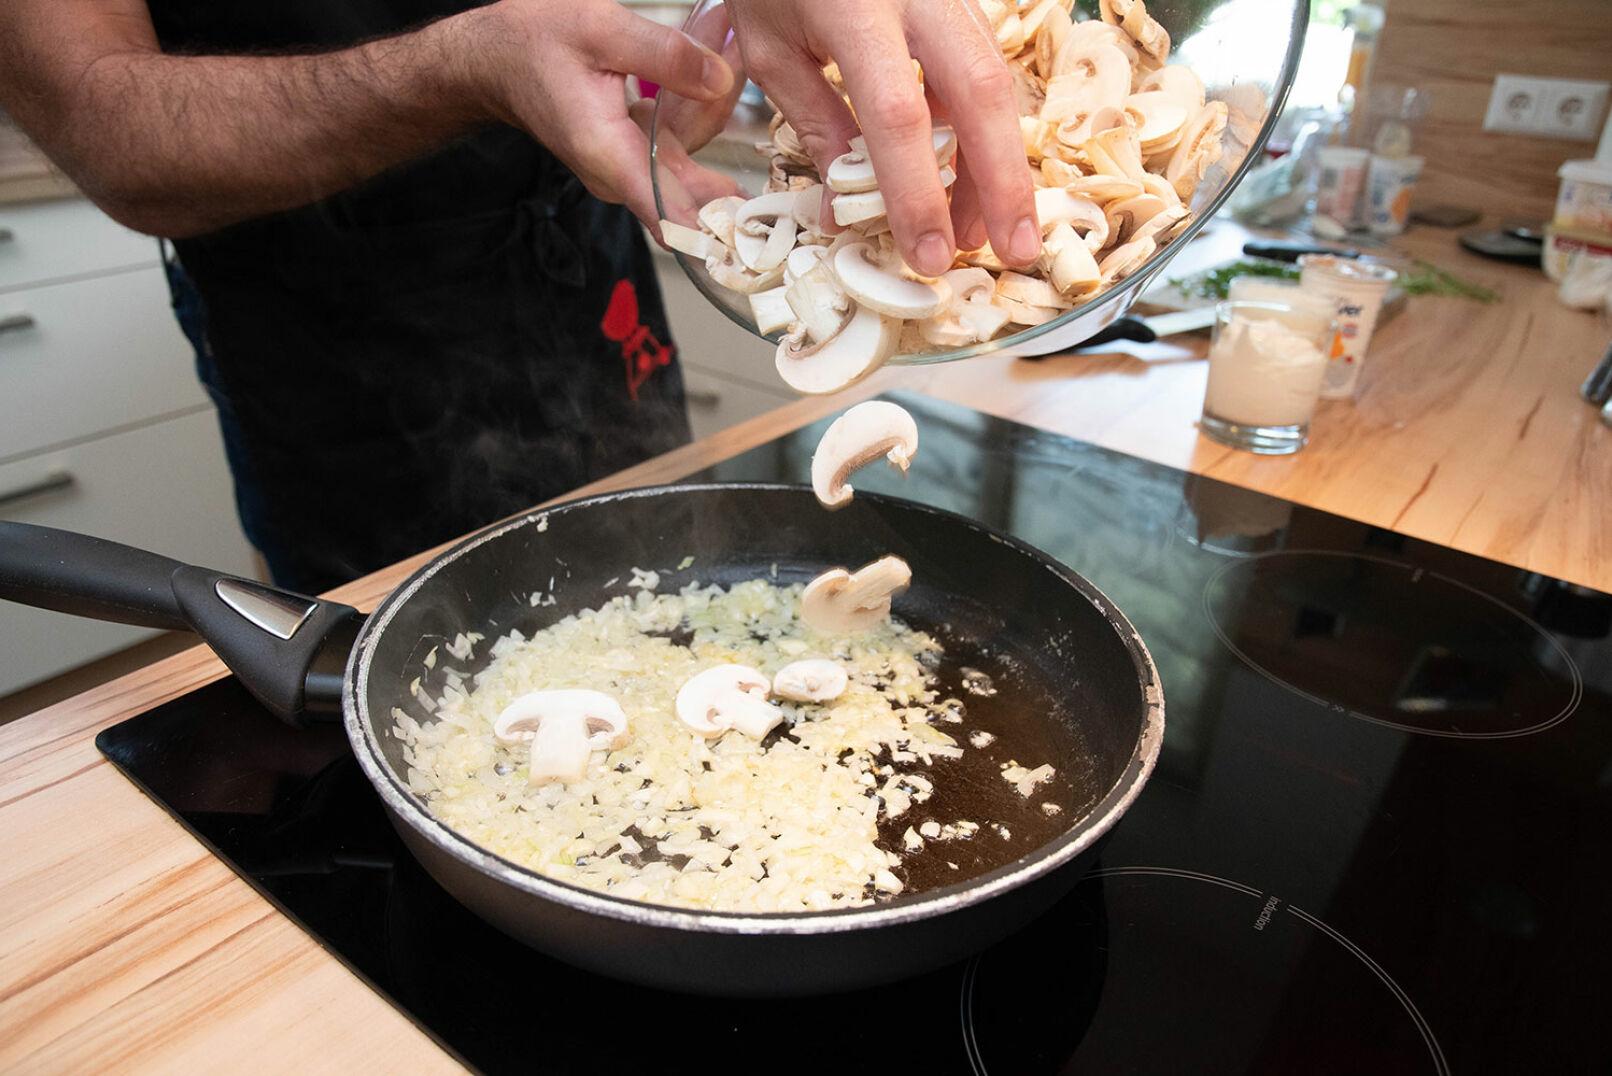 Die Champignons putzen, schneiden und bei mittlerer Hitze ebenfalls in die Pfanne geben.  - © Barbara Marko